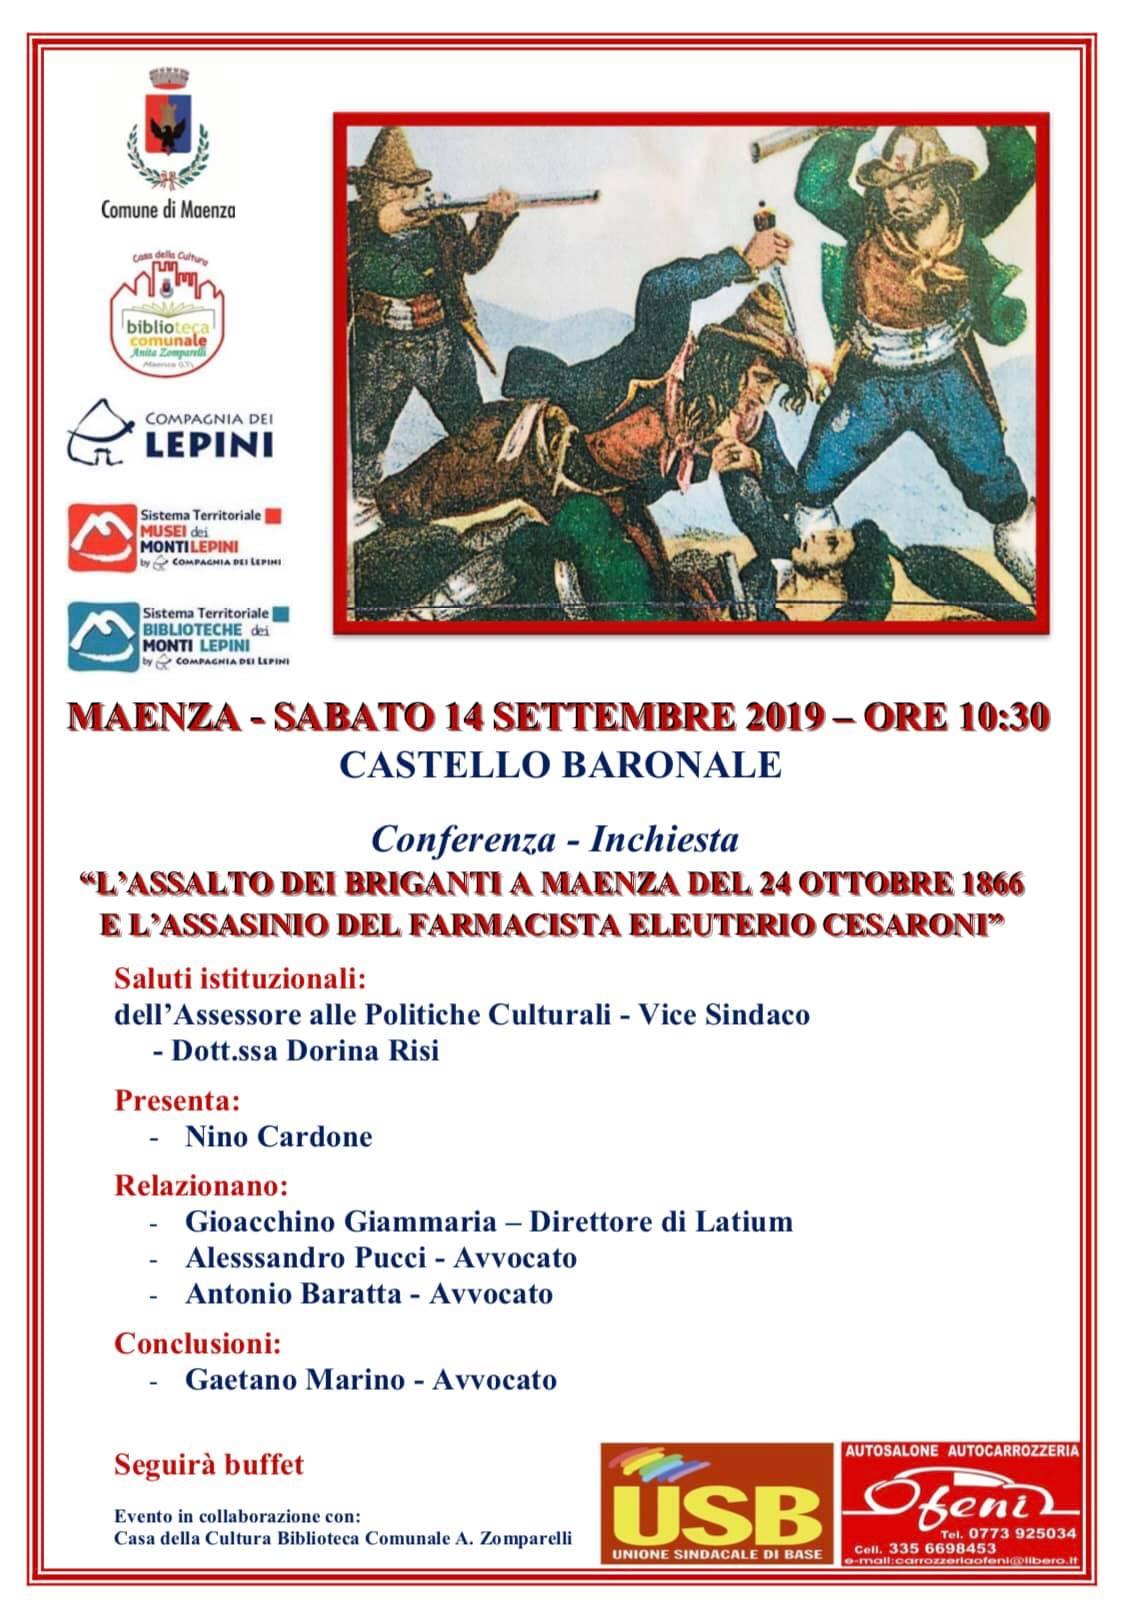 Maenza: Conferenza - Inchiesta @ Castello baronale | Maenza | Lazio | Italia